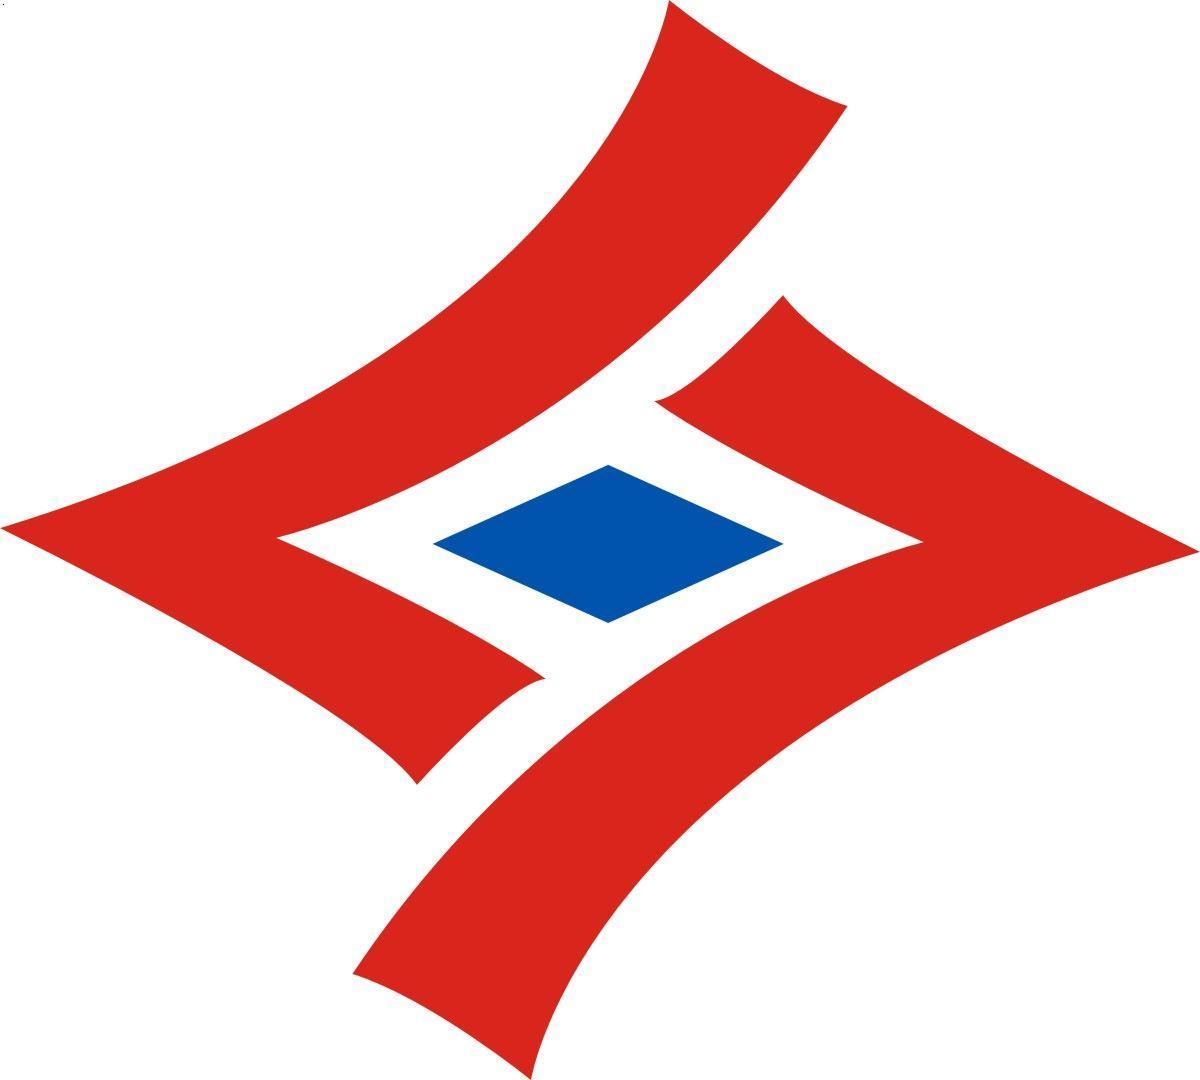 logo logo 标志 设计 矢量 矢量图 素材 图标 1200_1080